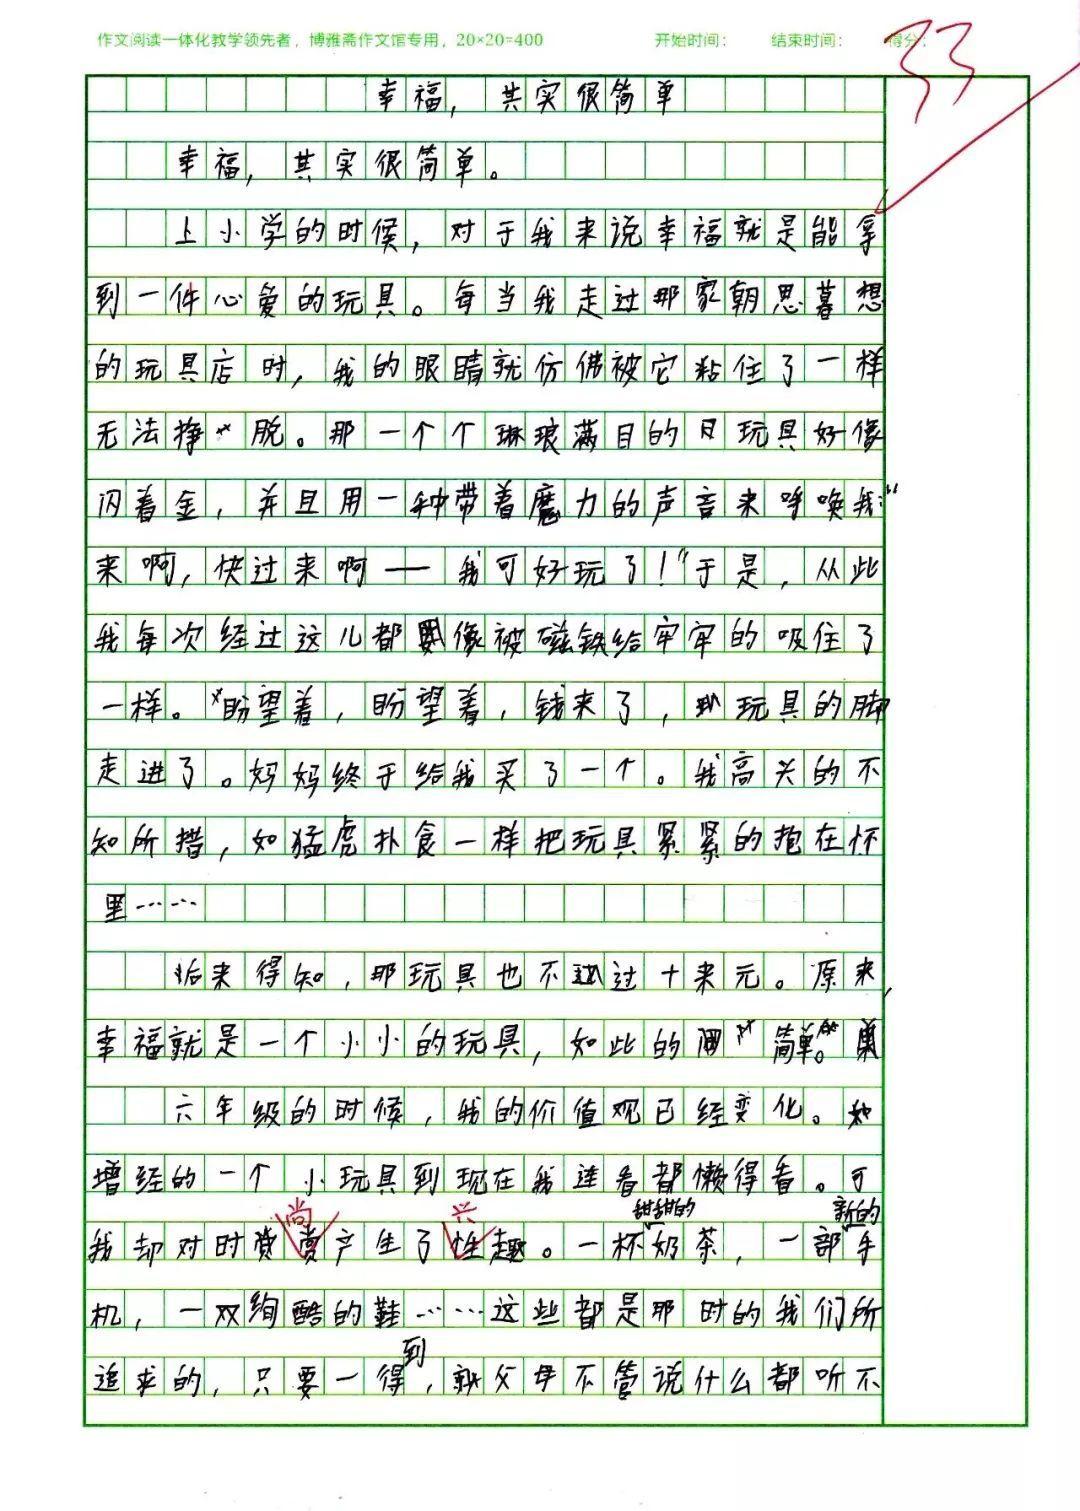 中学生作文题目_本题为2018广西贺州中考作文题目